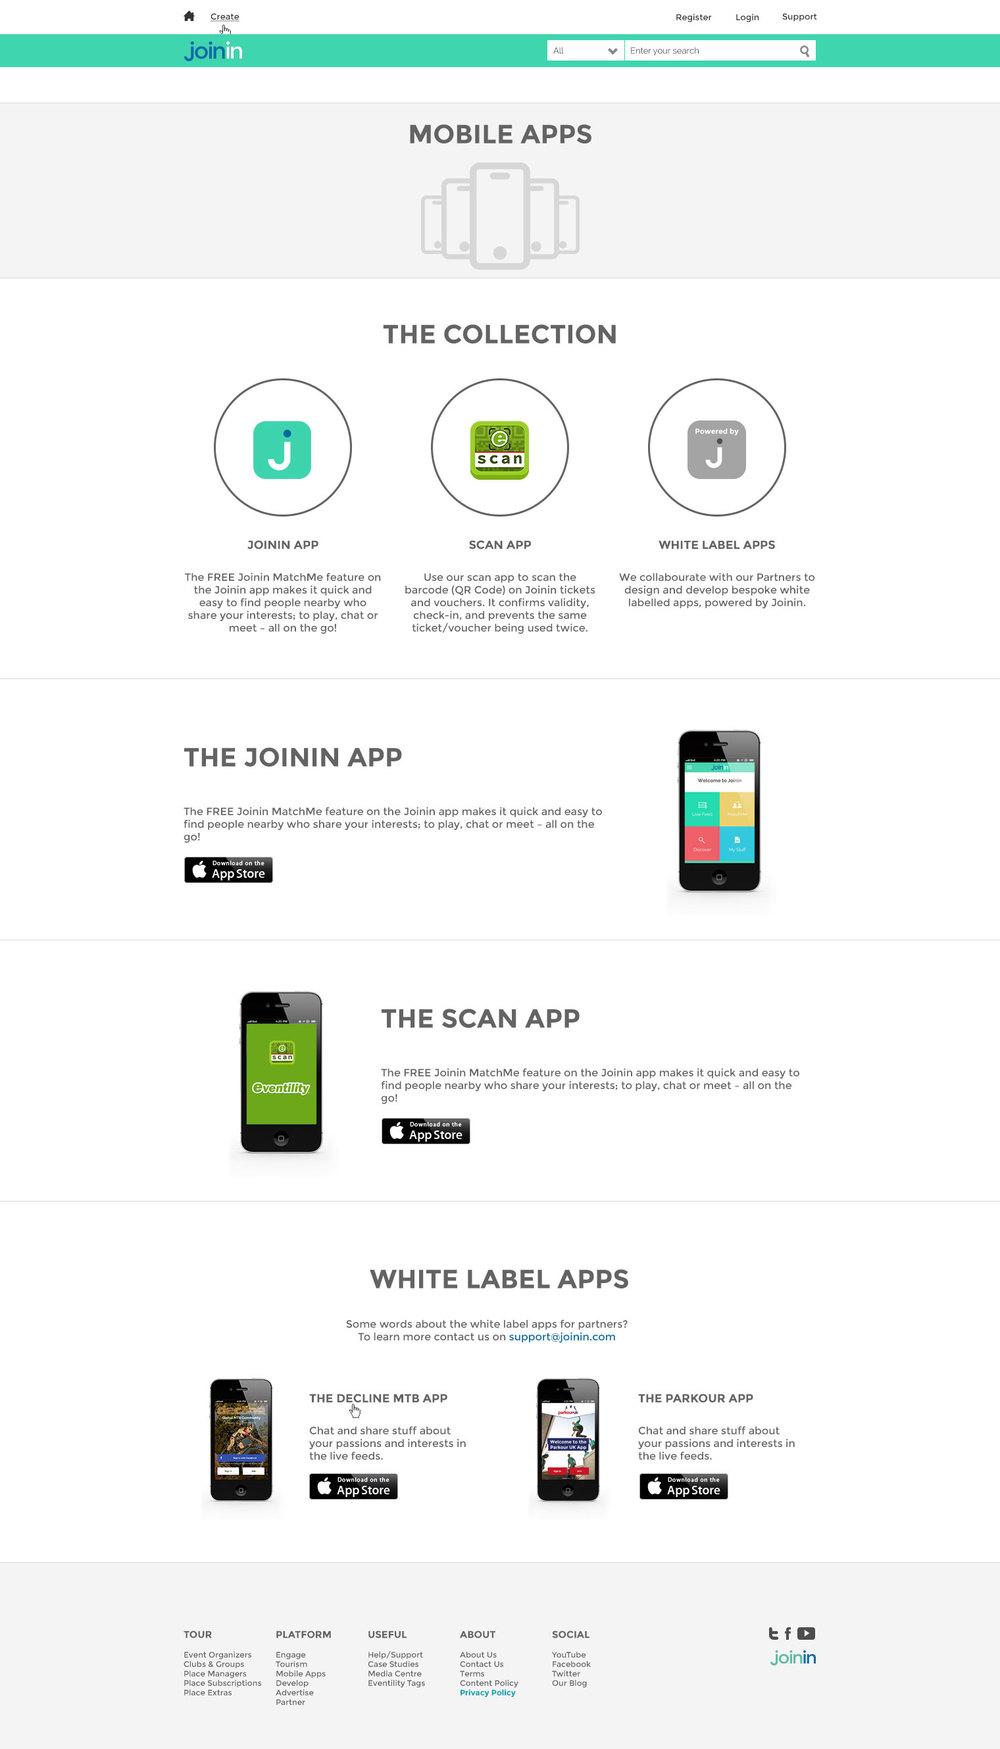 KSD_Joinin_MobileApps